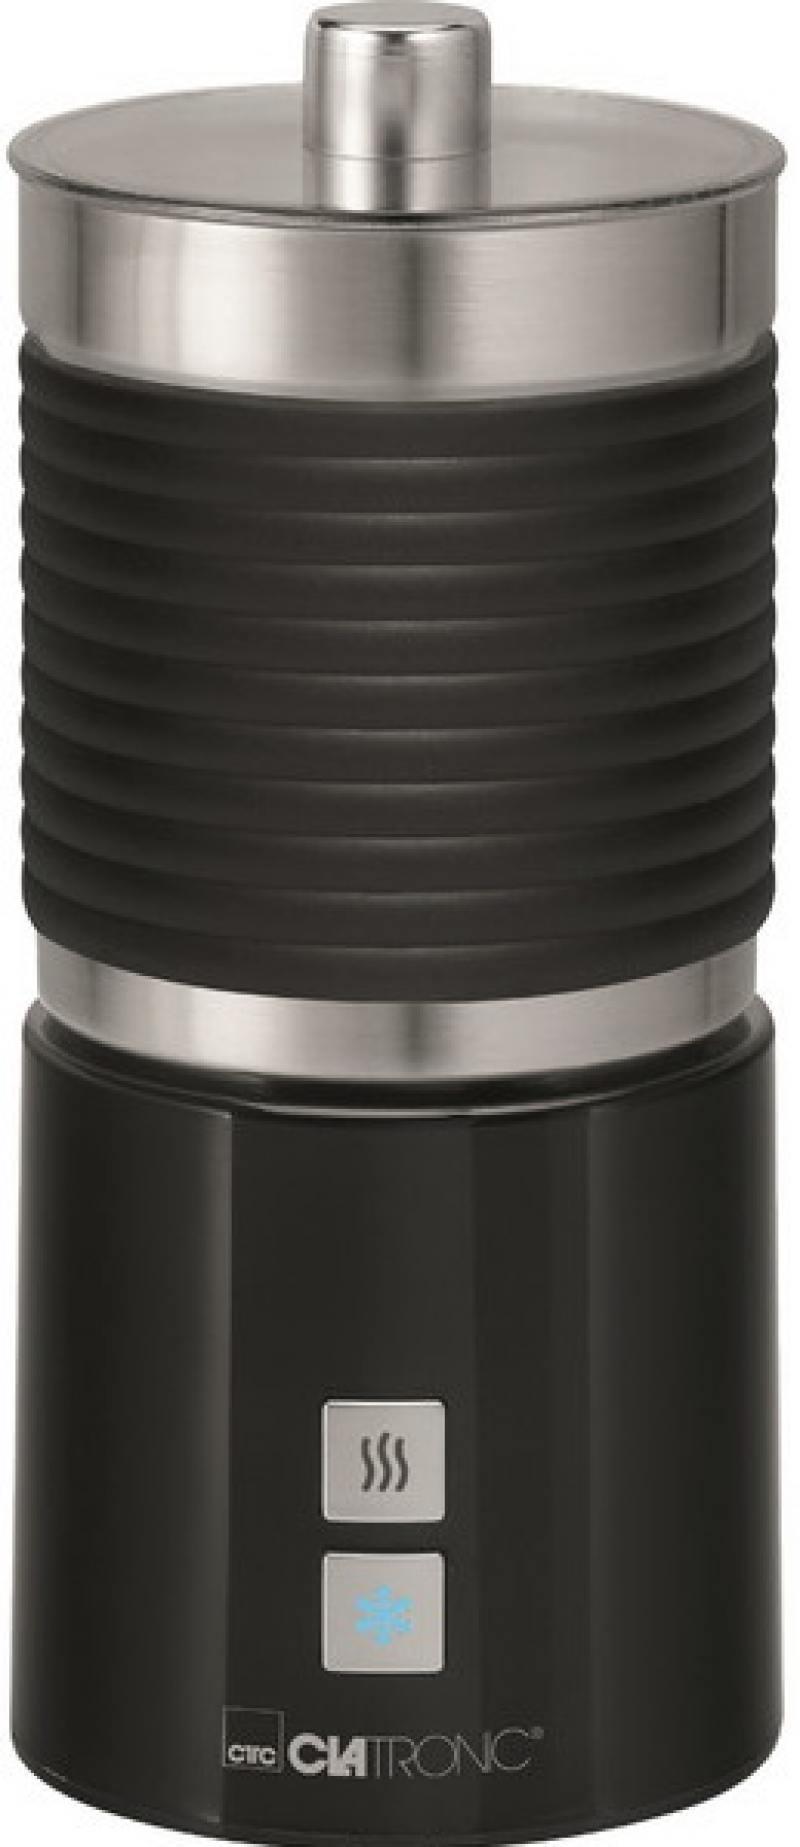 Пеновзбиватель Clatronic MS 3654 soft touch schwarz вспениватель молока clatronic ms 3654